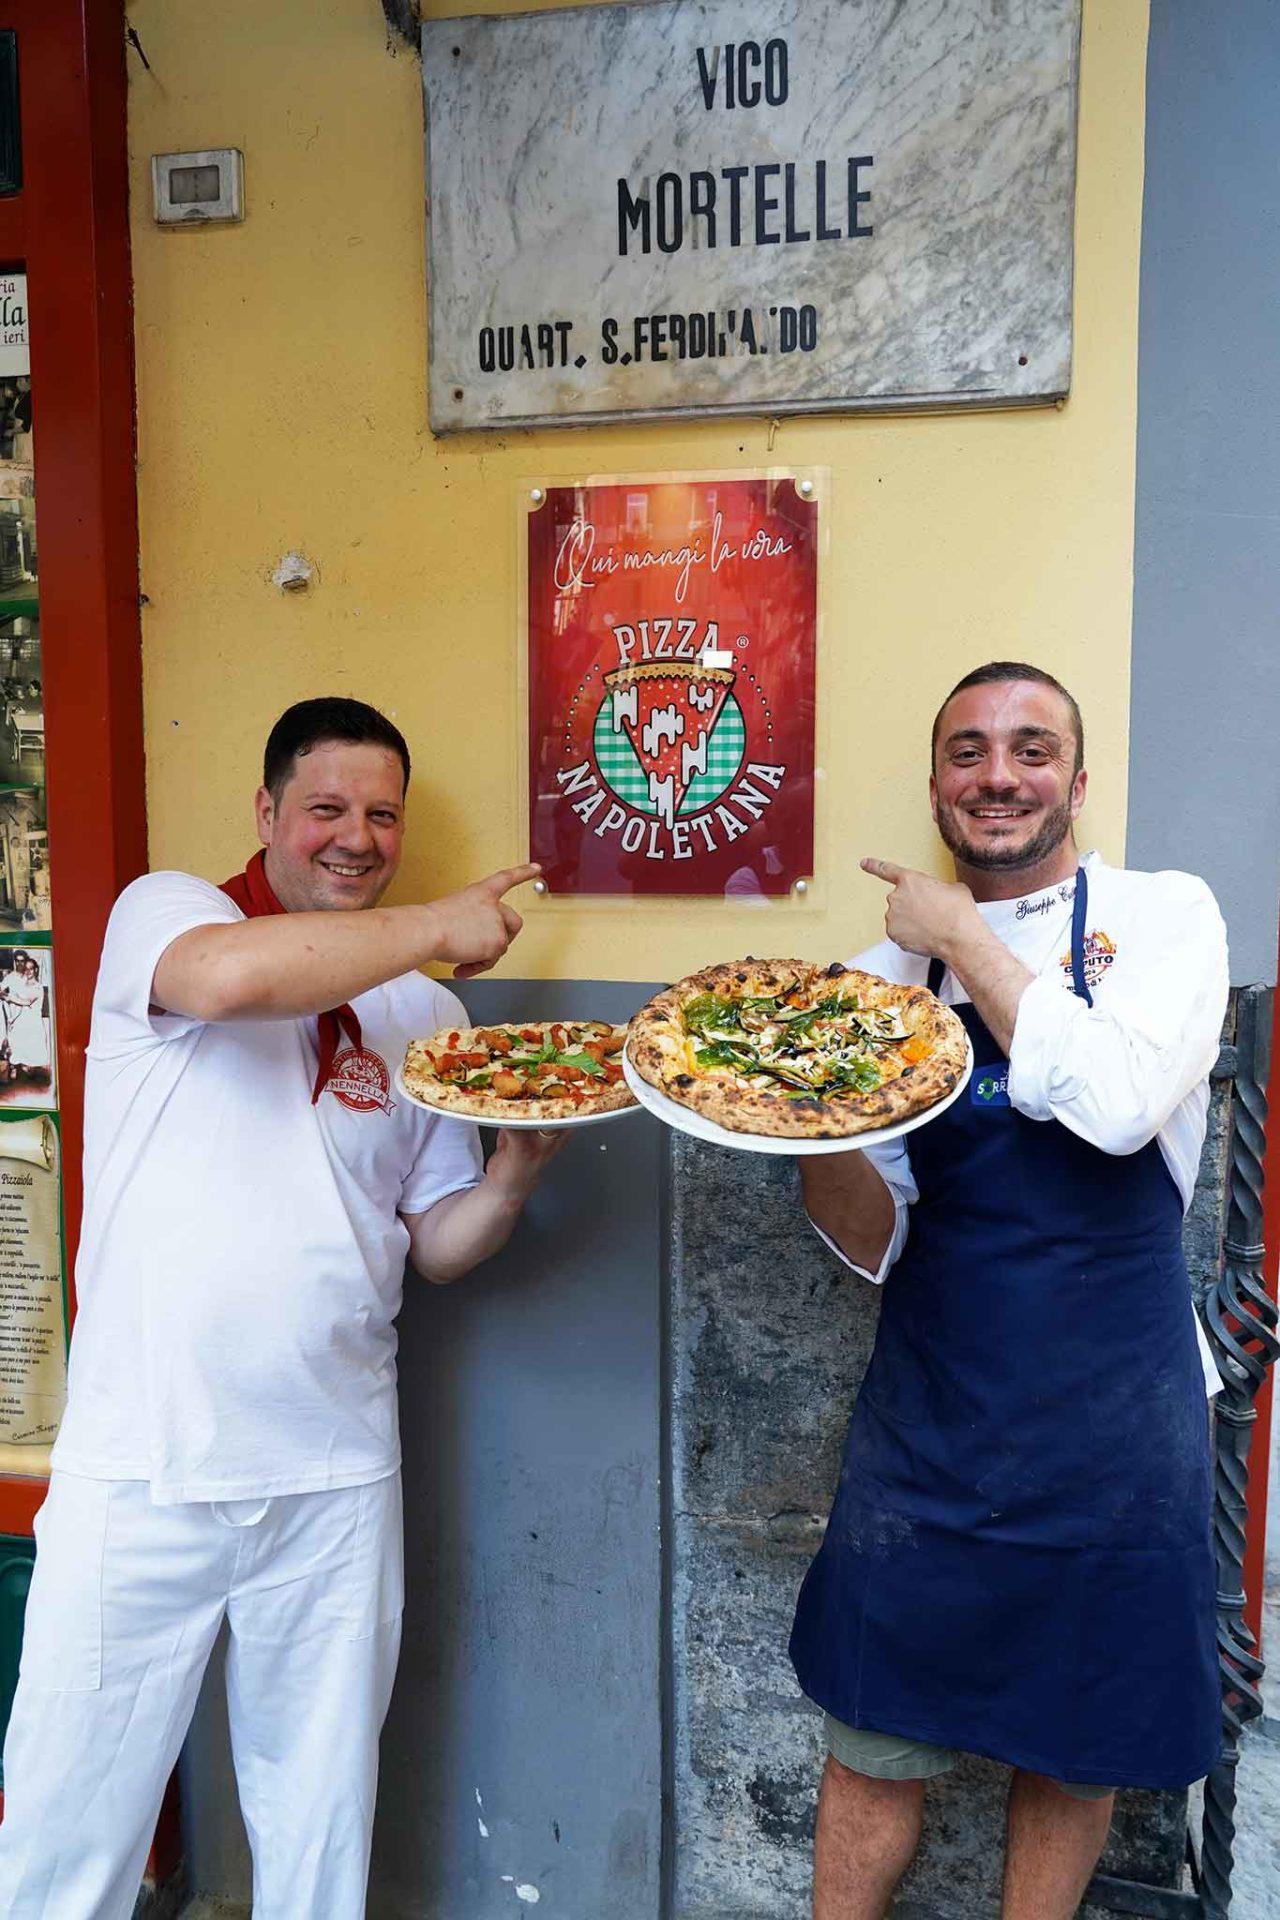 Nennella e Cutraro pizza napoletana